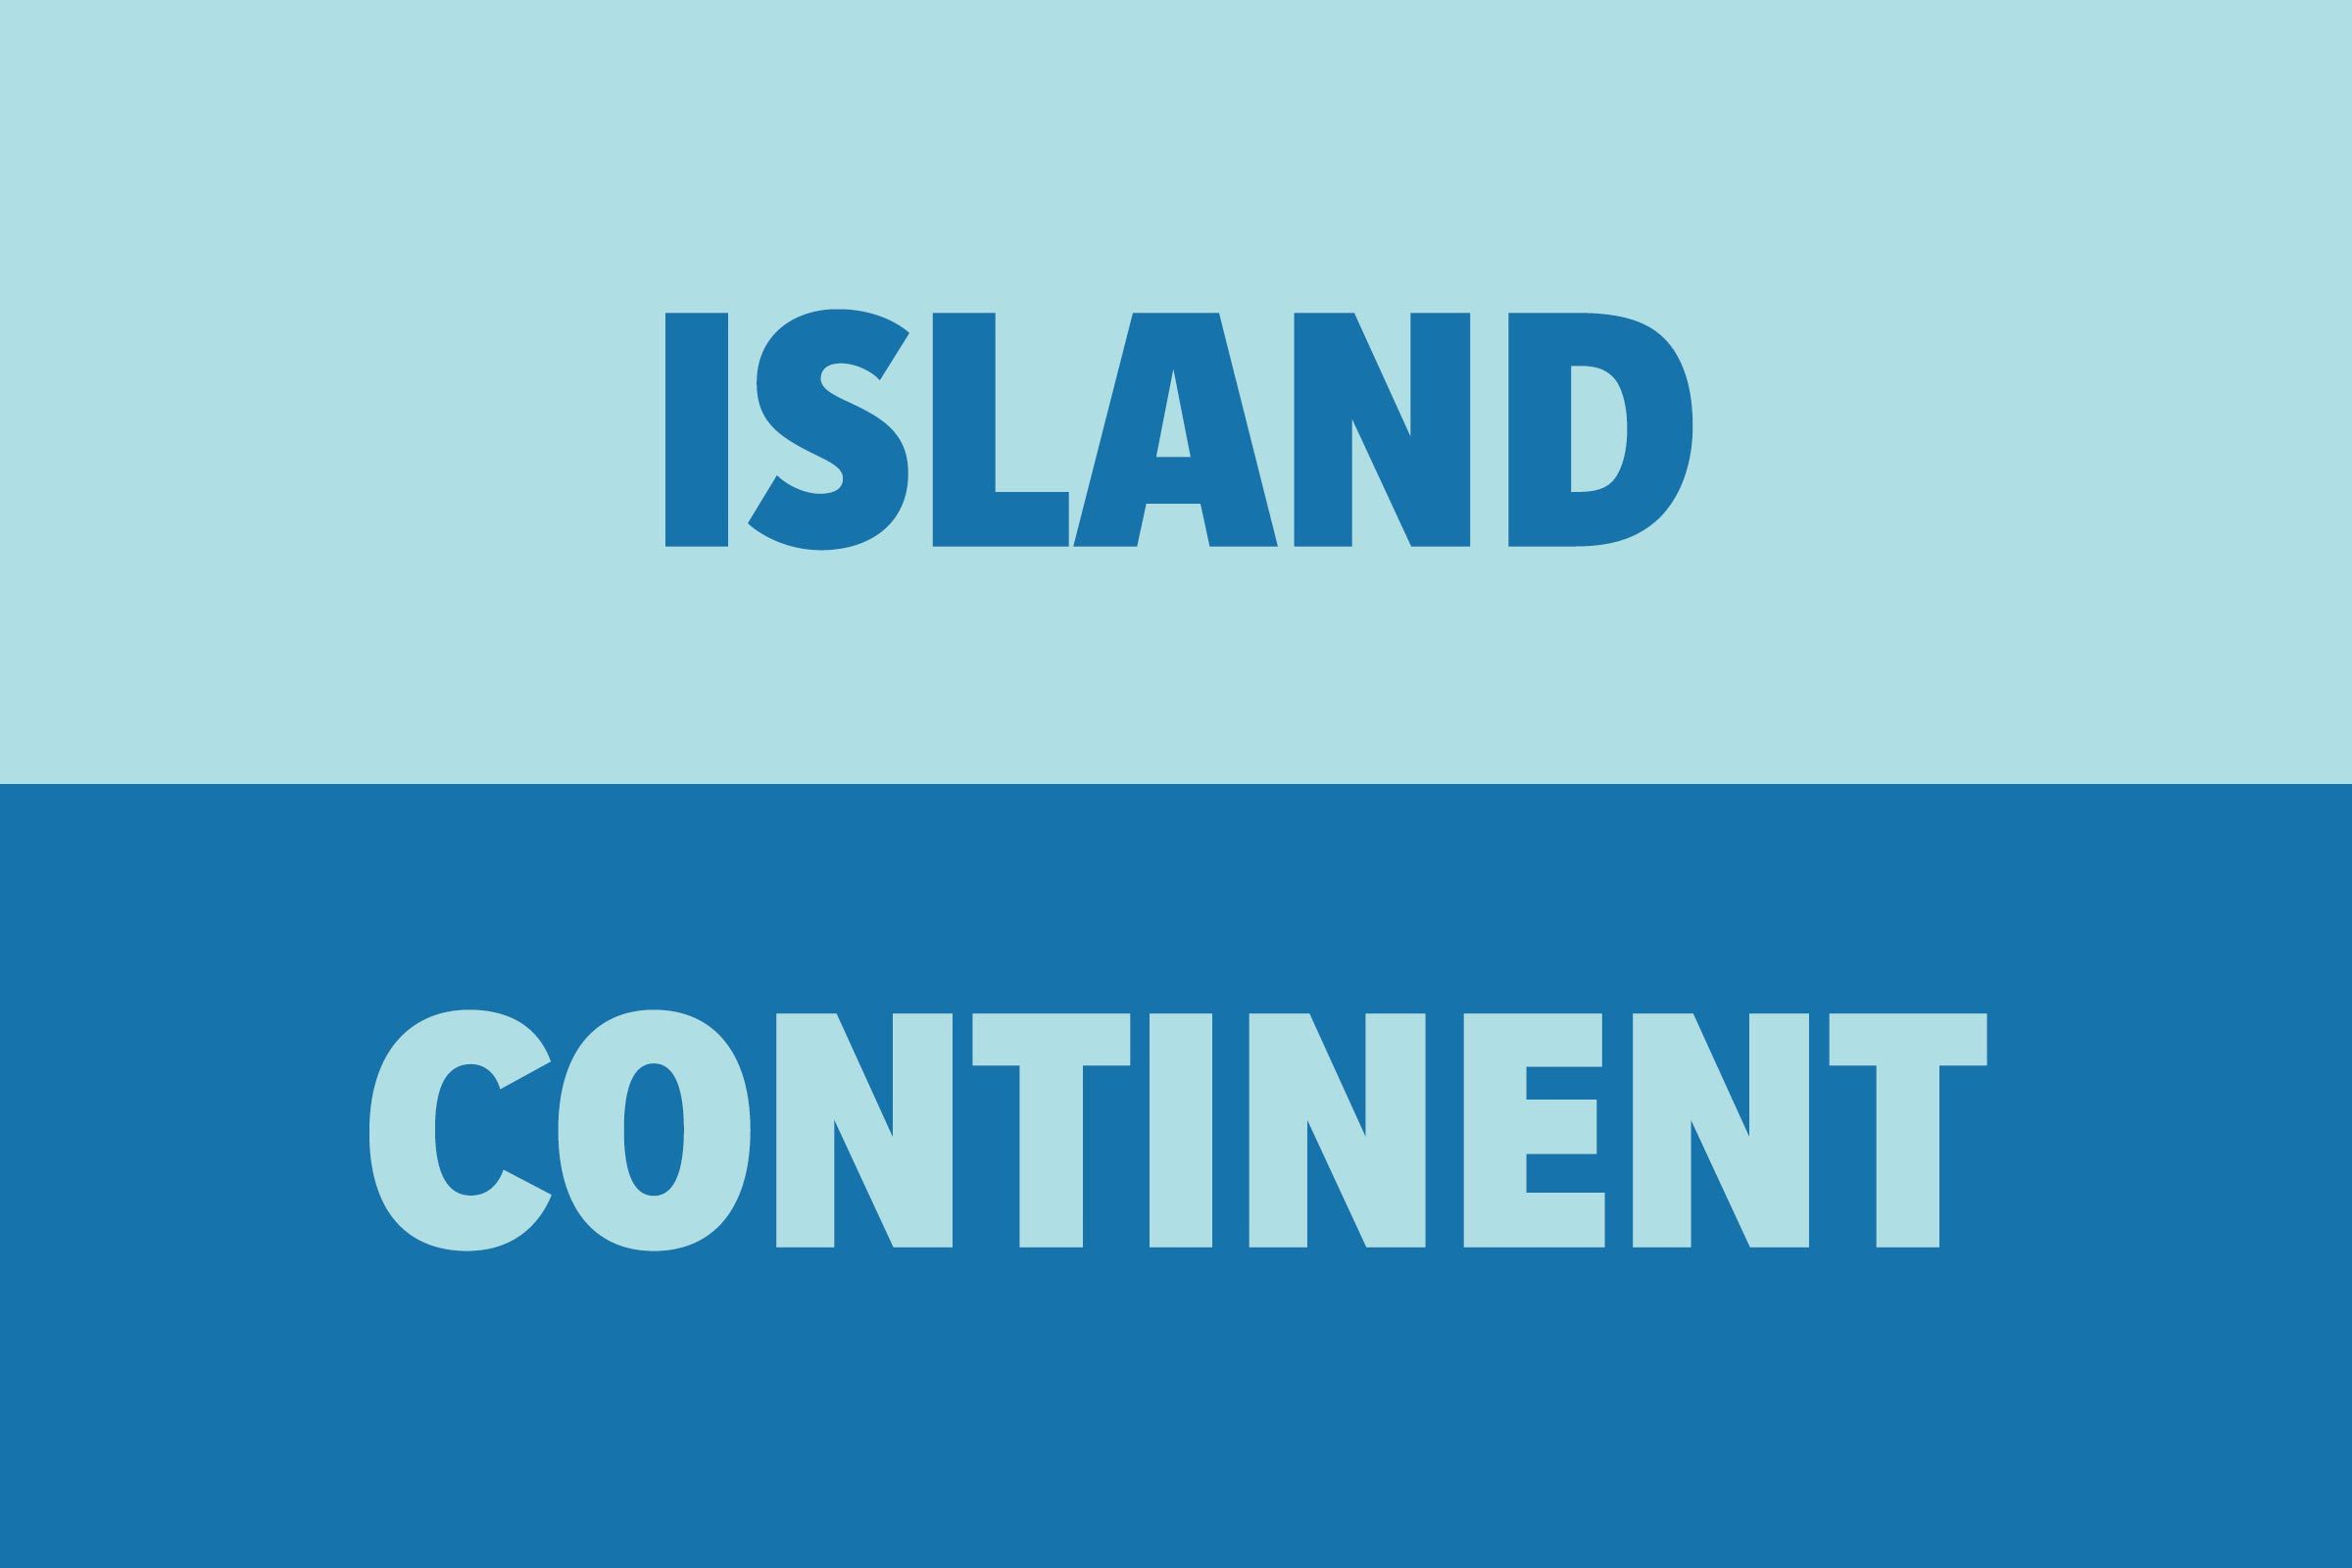 Island vs Continent